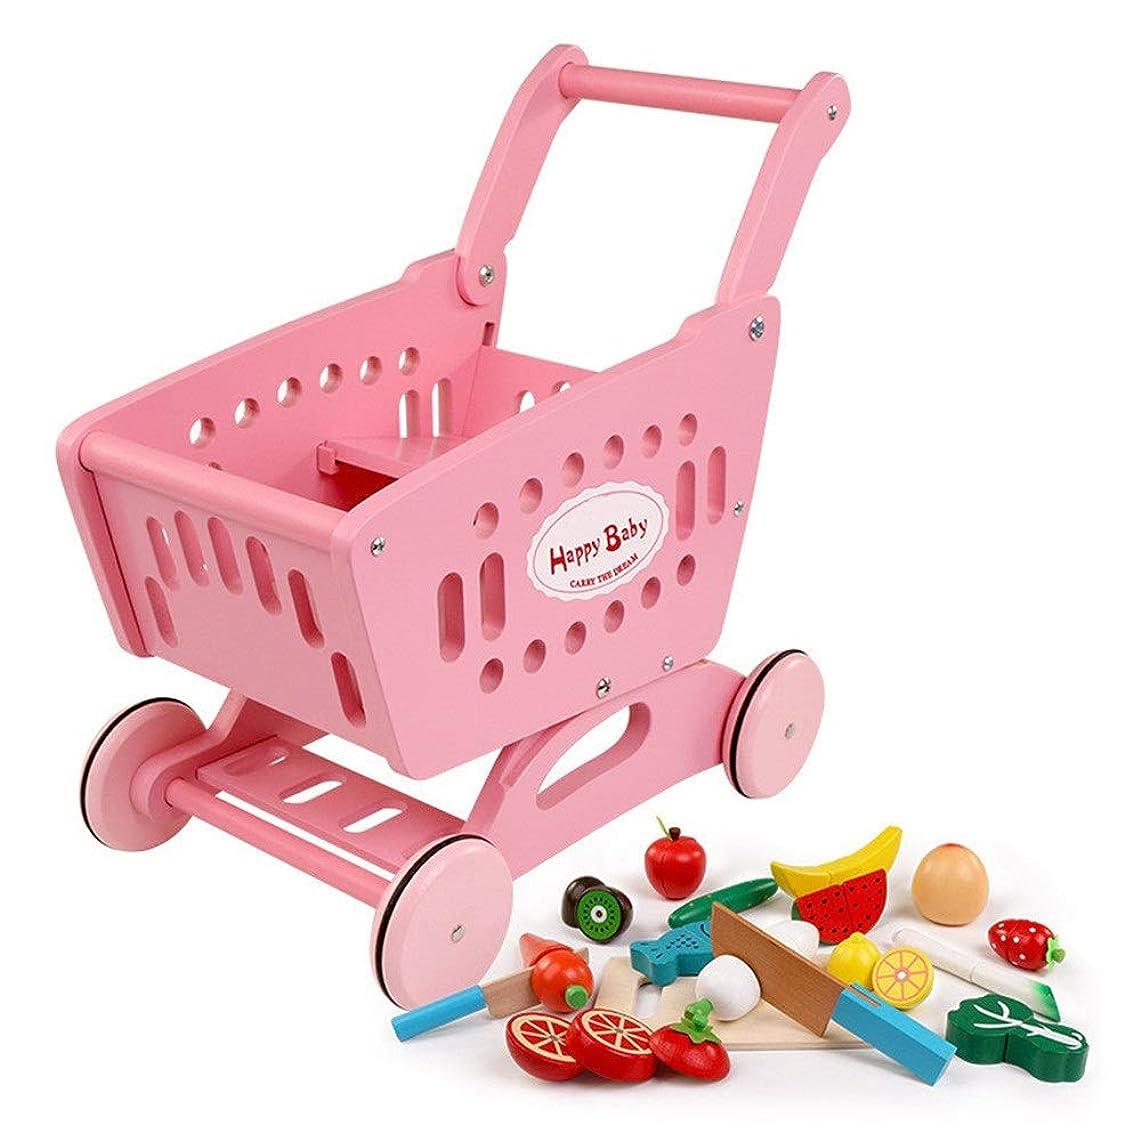 タオルテスピアン役立つショッピングカートのおもちゃ、 36か月齢以上の赤ちゃんに適したシミュレーション木製スーパーマーケットトロリーであるA子供のおもちゃ 子供のおもちゃ (Color : Pink, Size : 40x41x24CM)